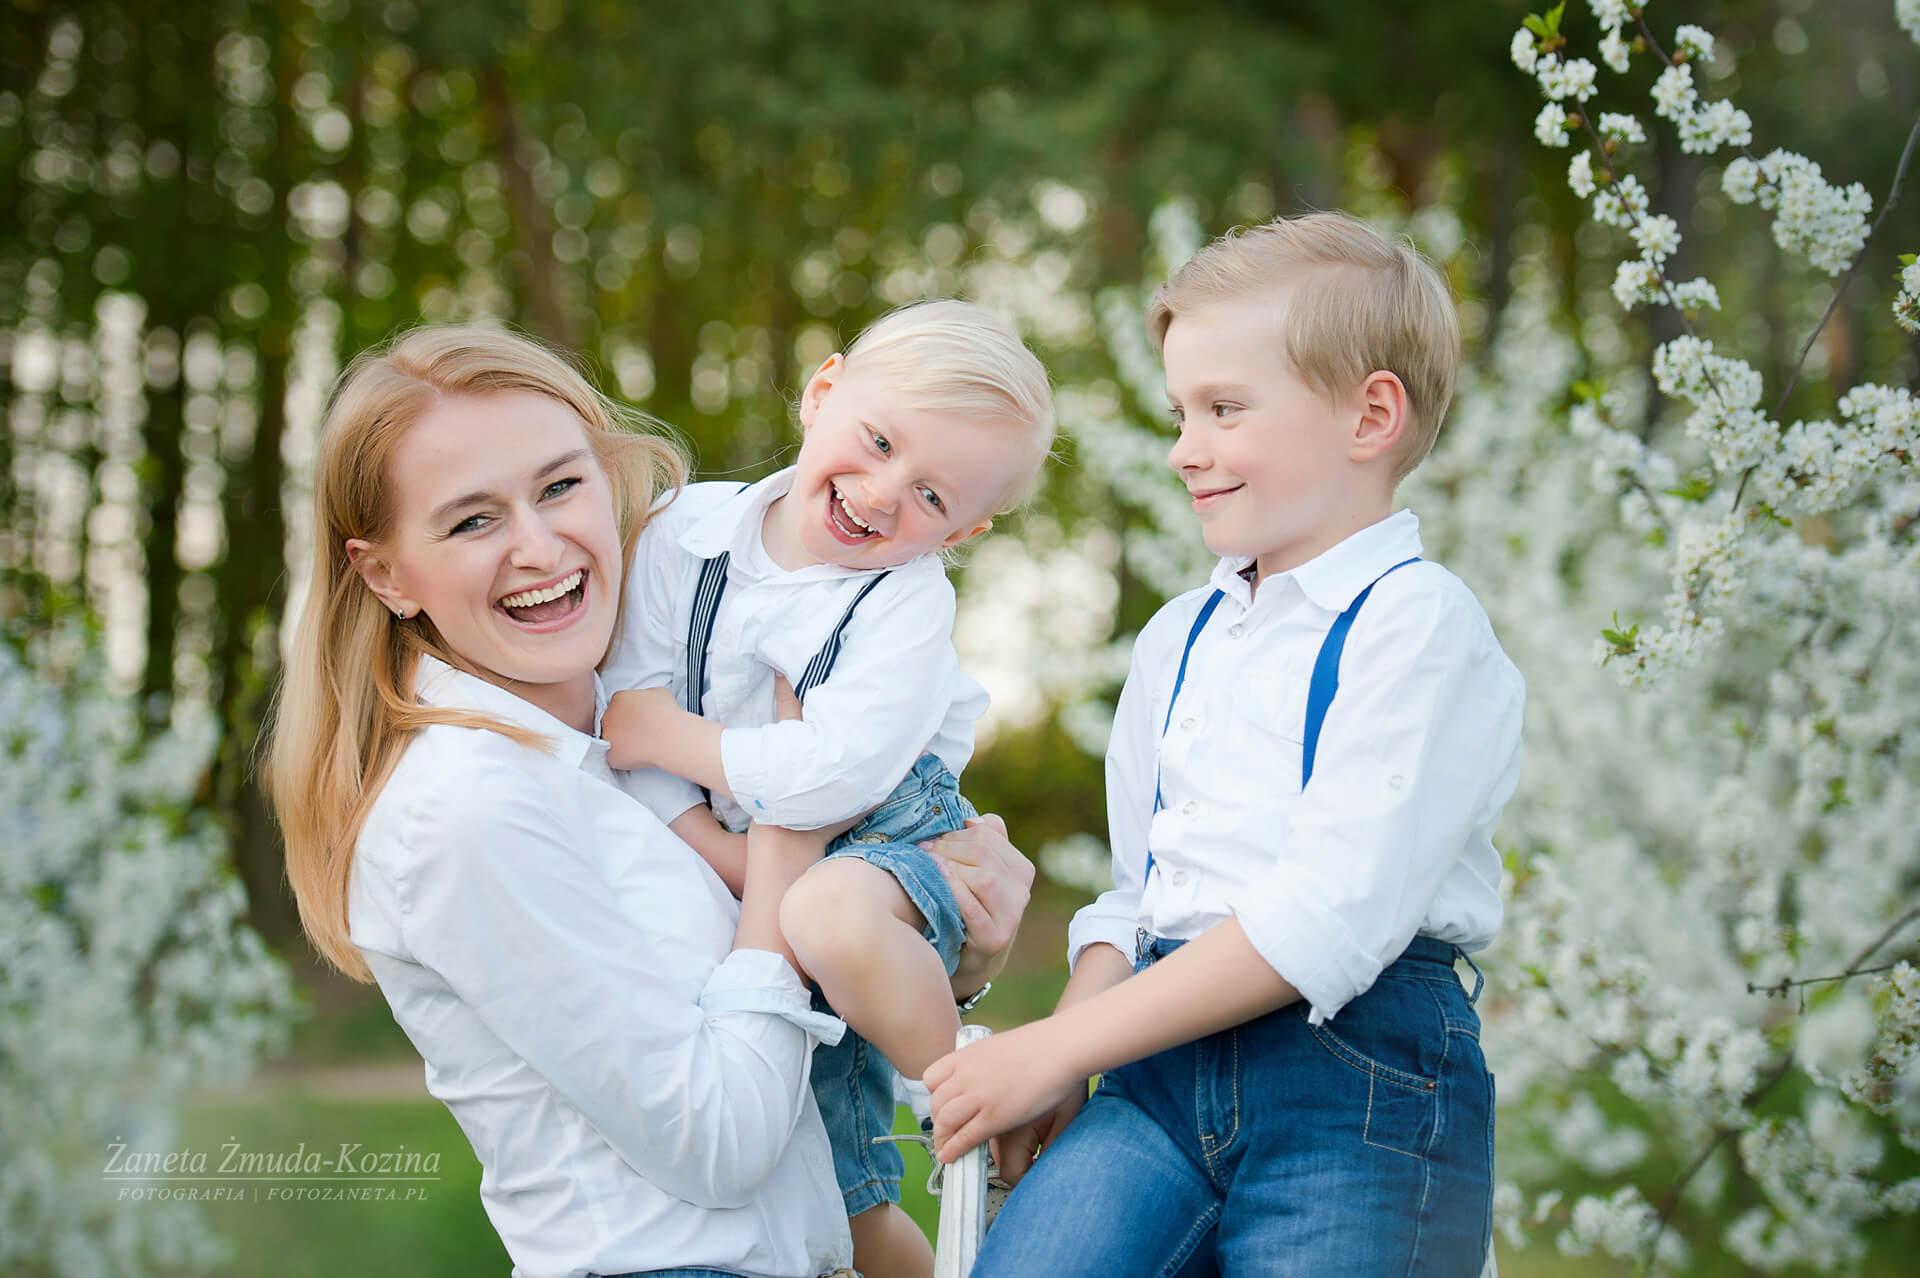 Cennik zdjęć rodzinnych